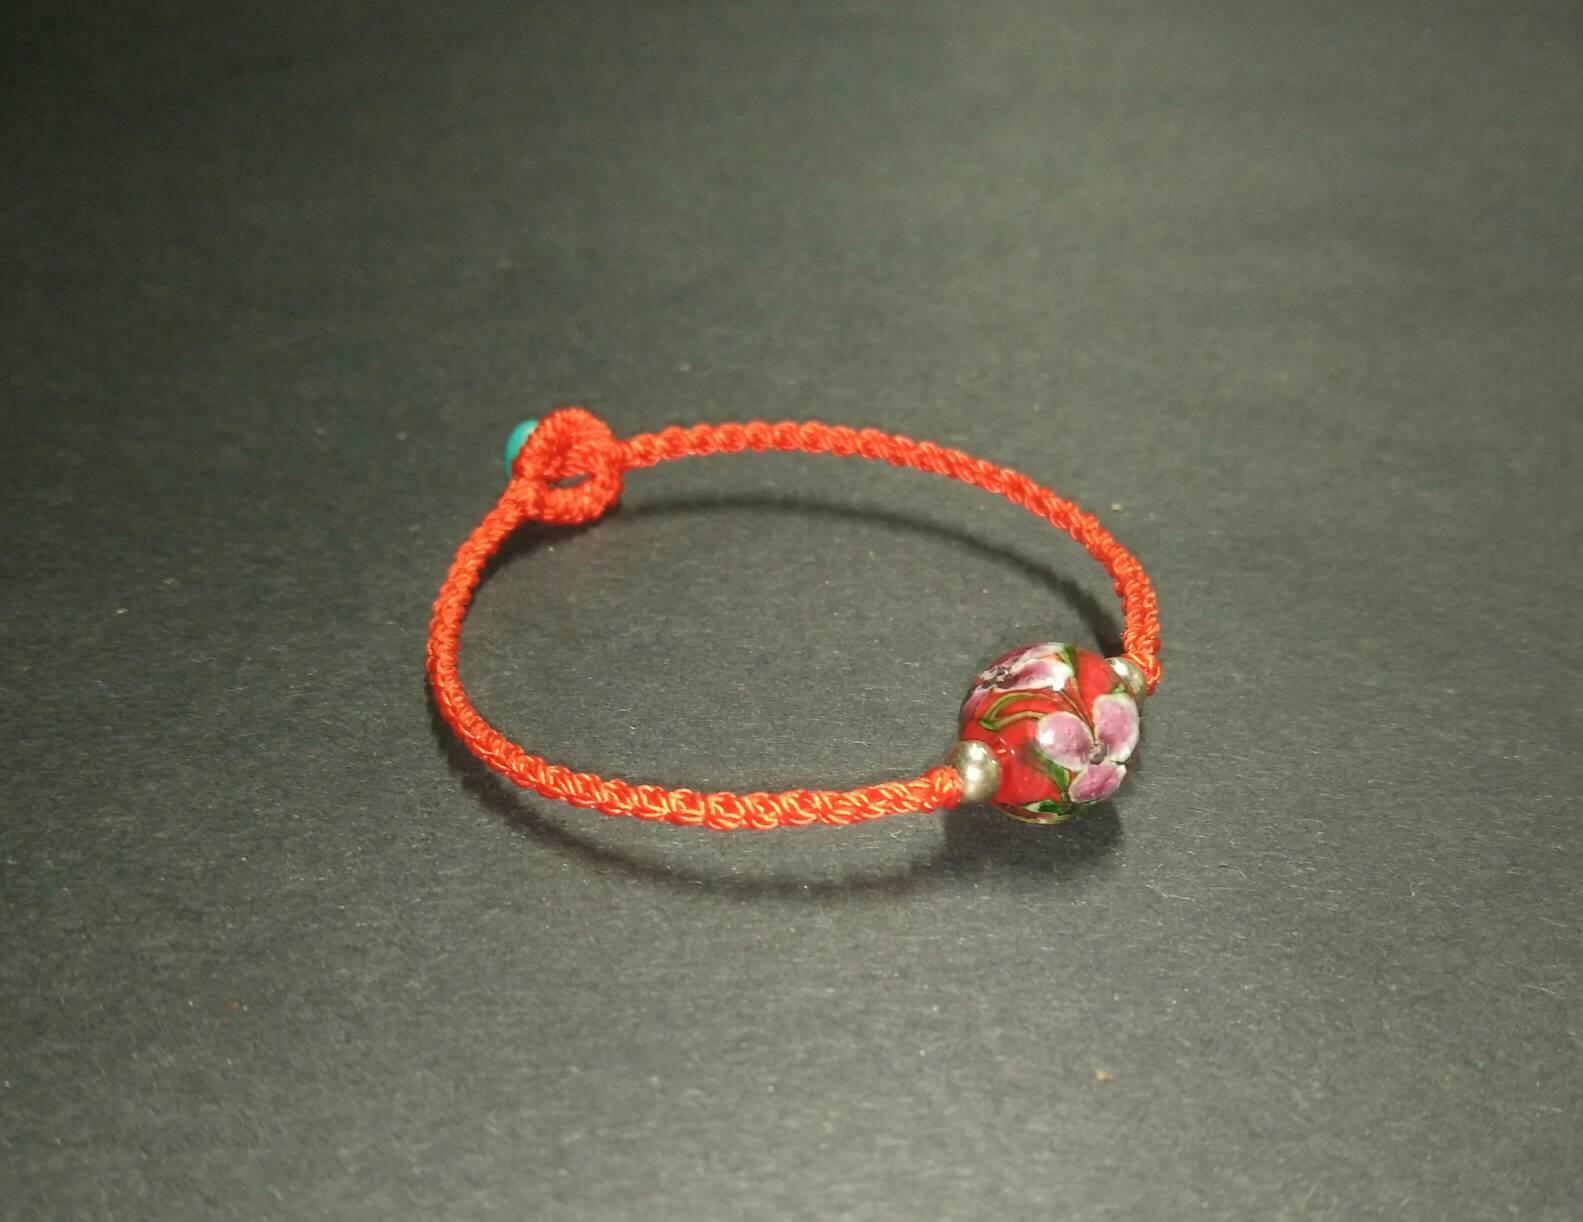 中国结论坛 一些简单的手链  作品展示 222247gb8oj22f18f2jhol